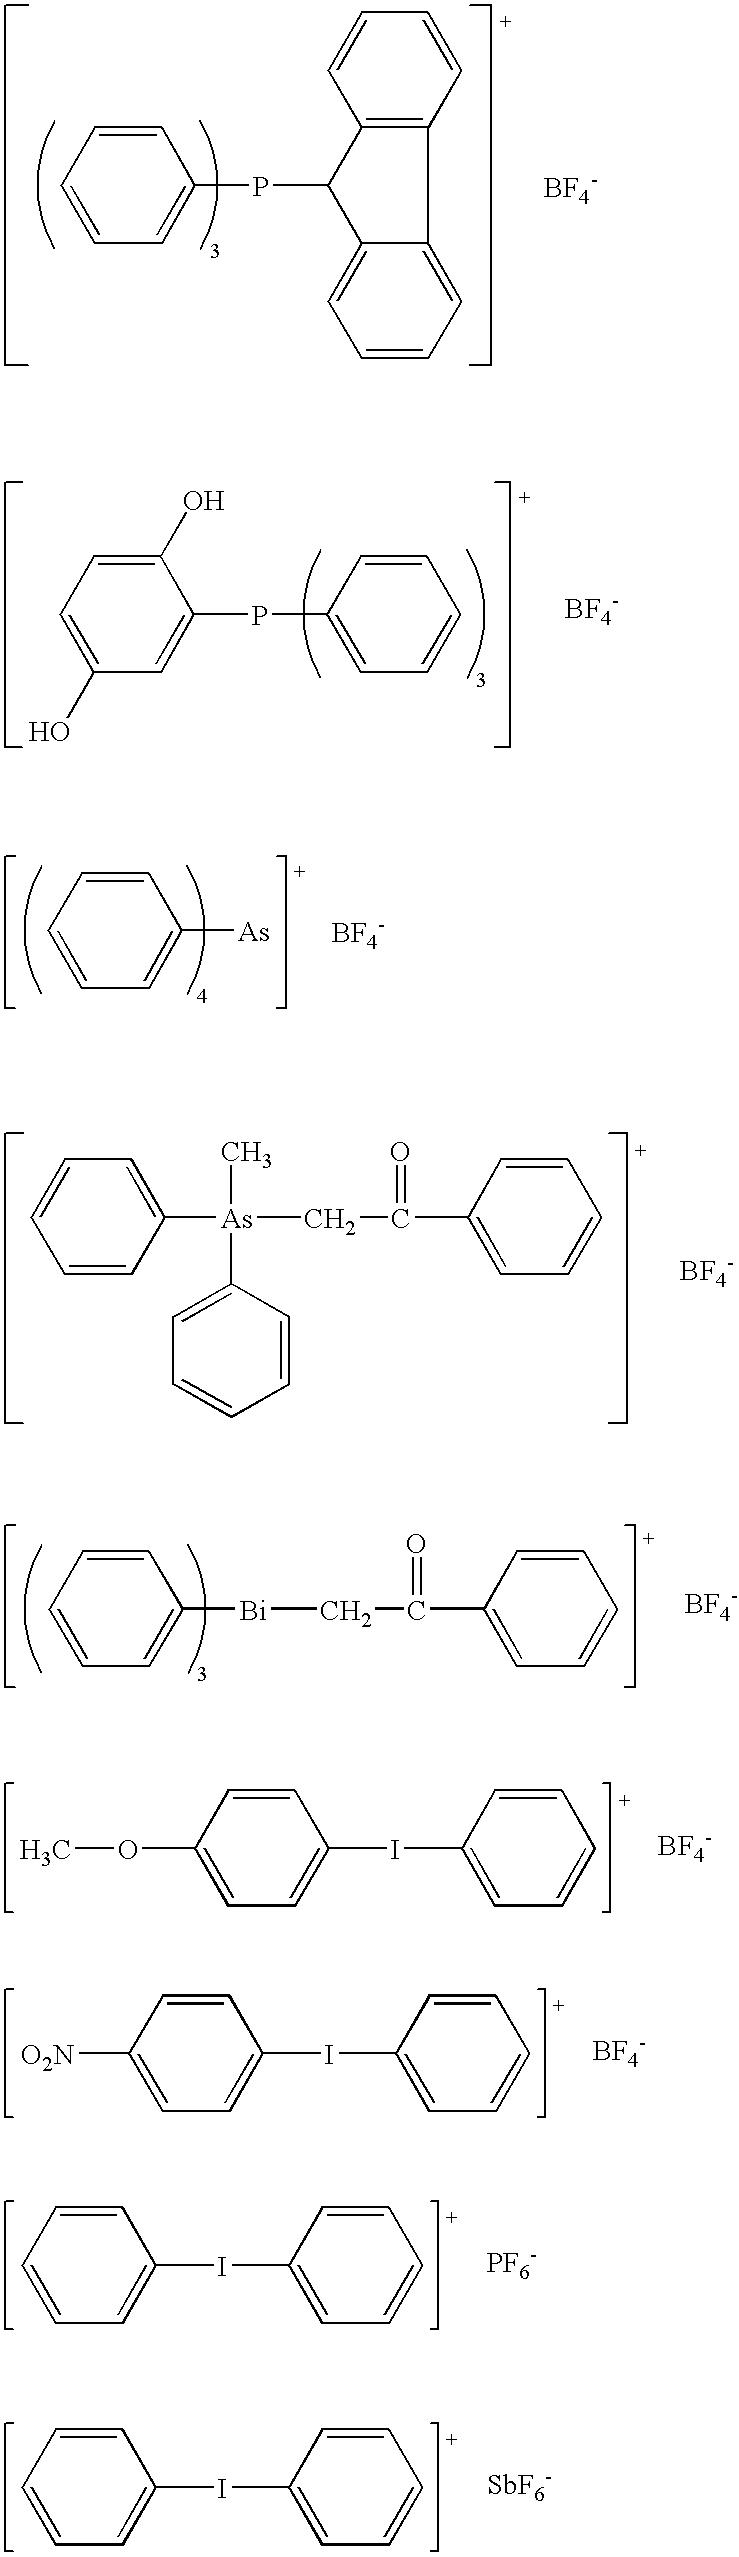 Figure US20070225404A1-20070927-C00006